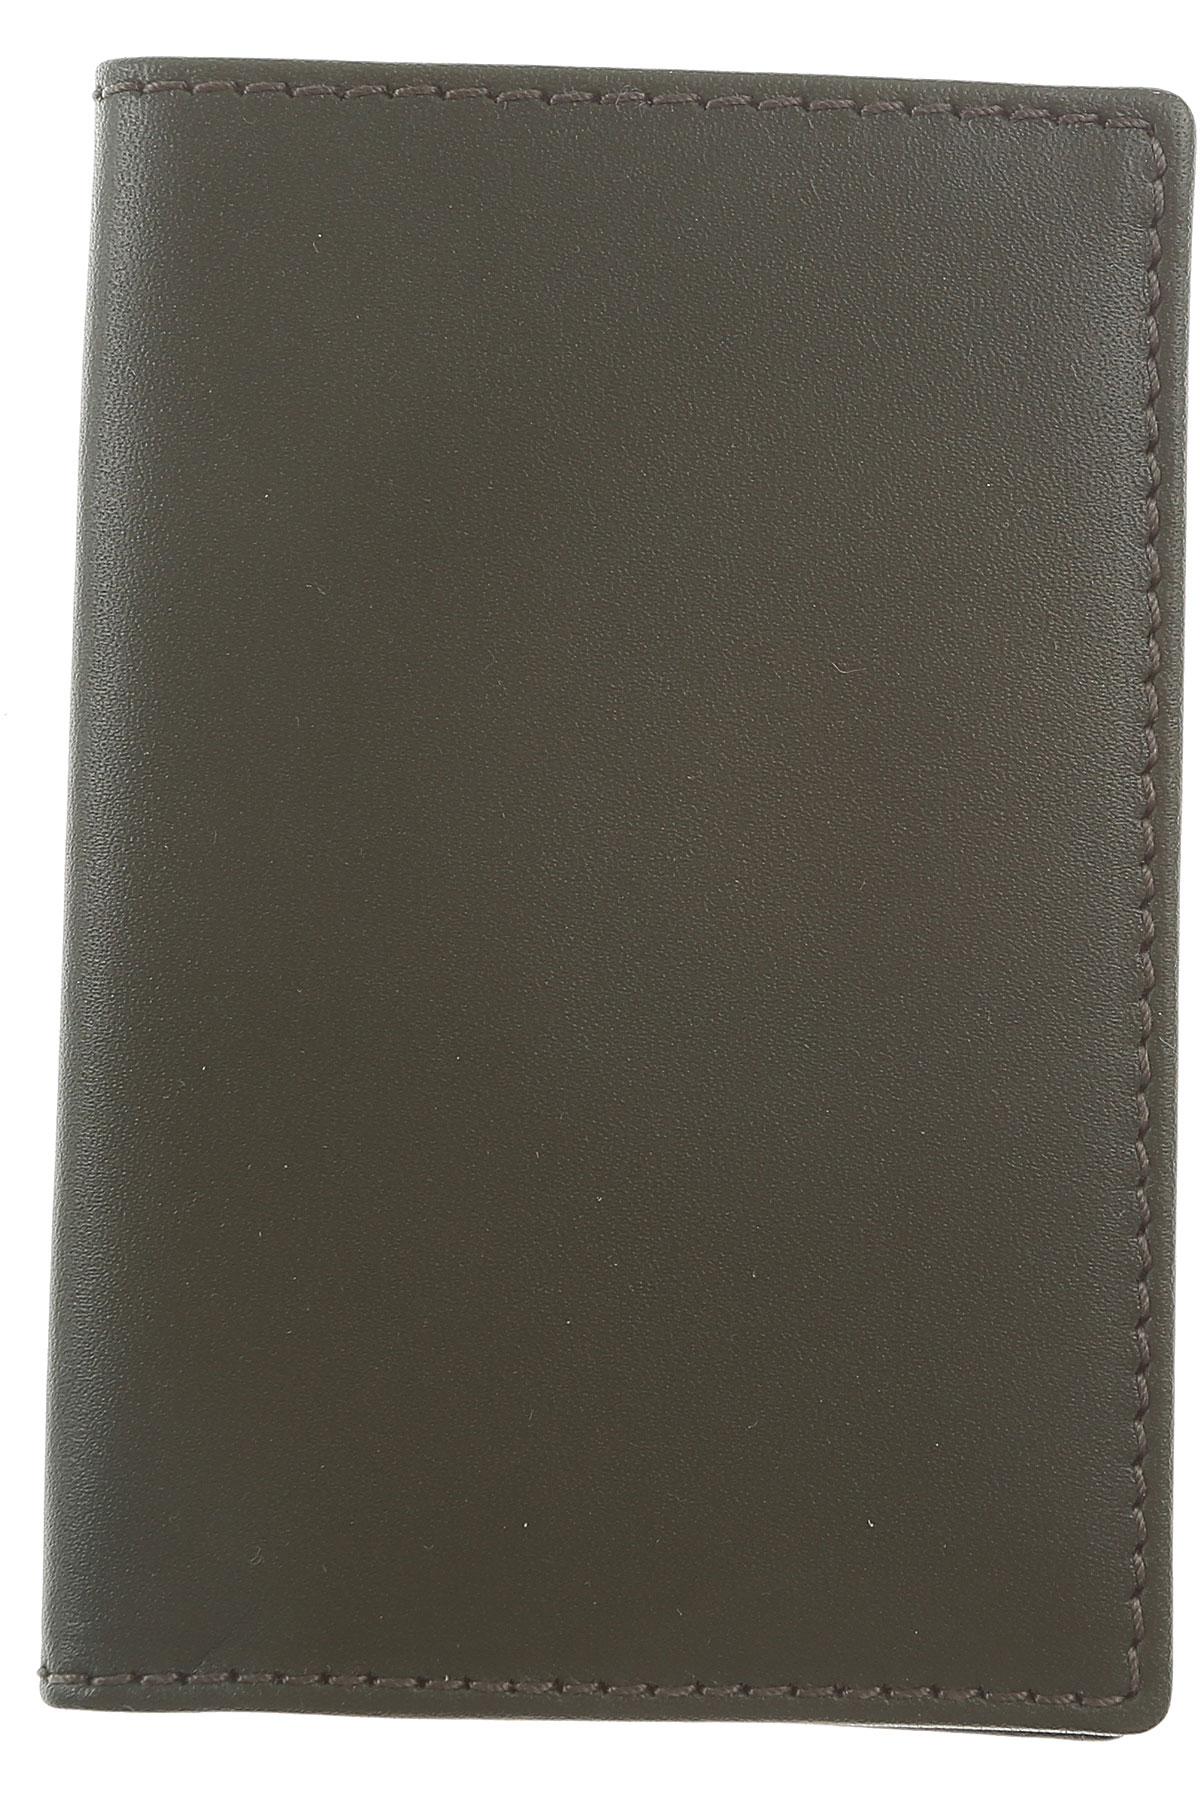 Image of Comme des Garcons Card Holder for Men, Dark Green, Leather, 2017